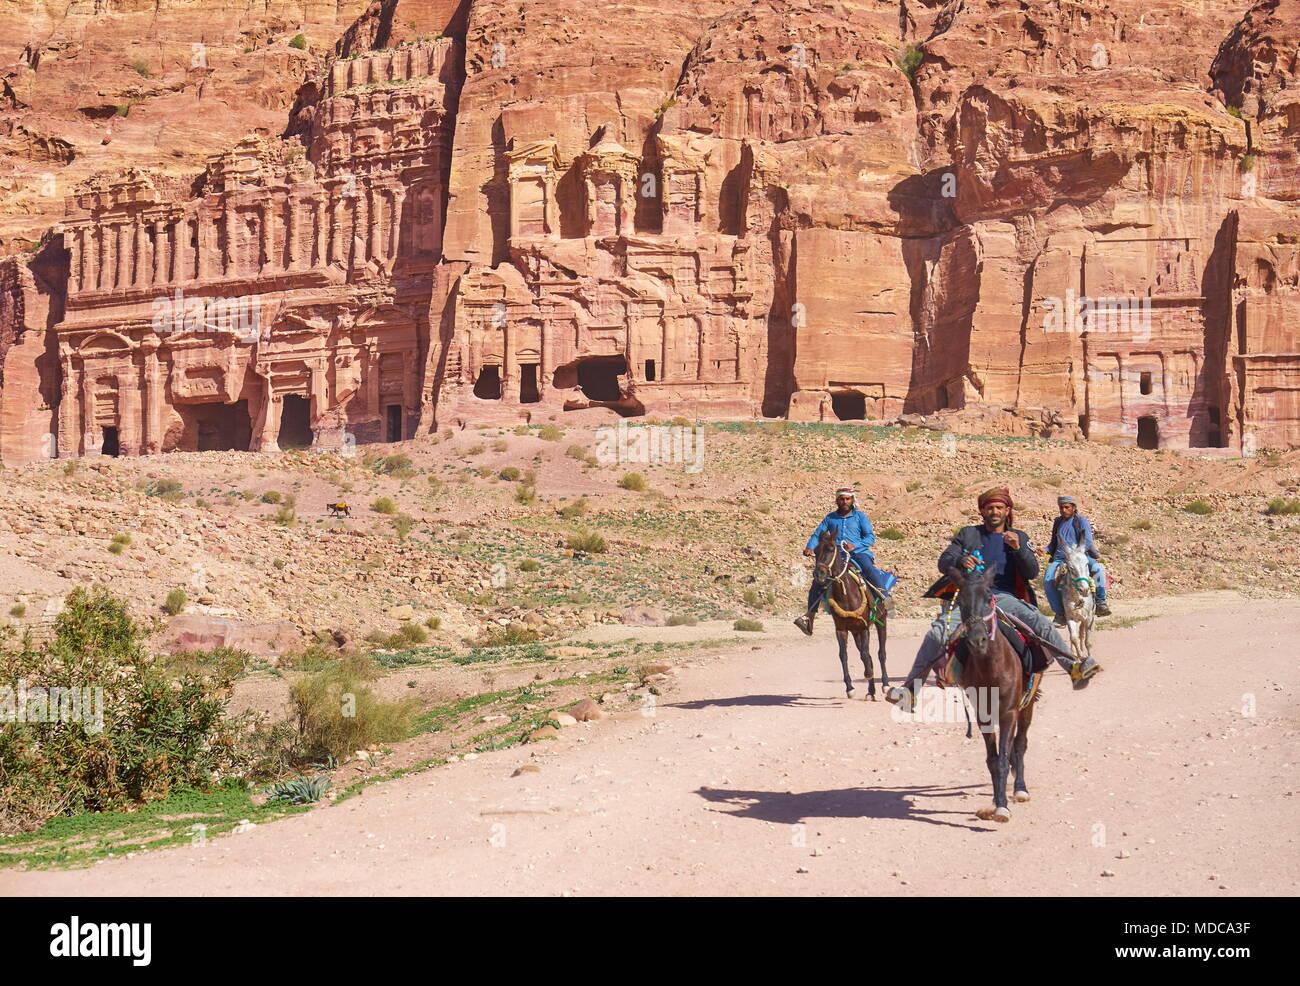 Petra ancient town, Jordan - Stock Image